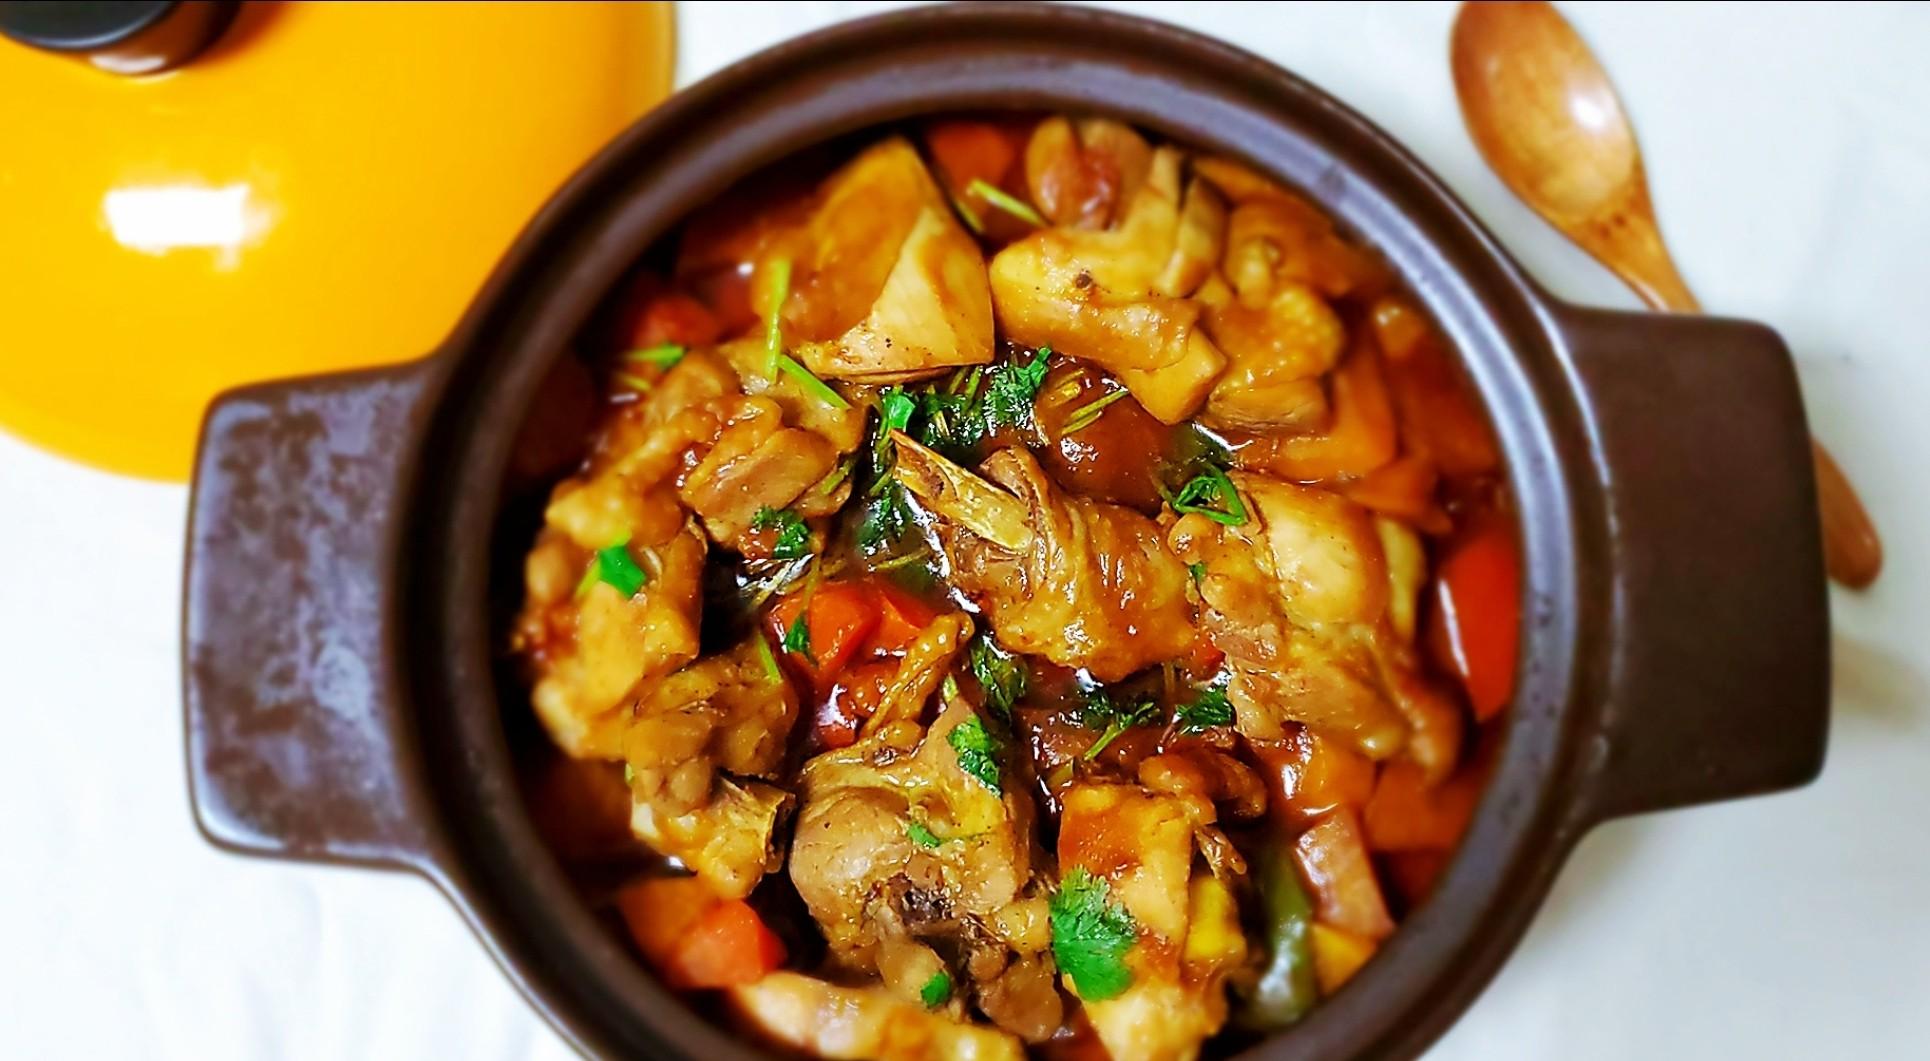 超下饭,堪比黄记煌的鸡腿焖锅怎么炖